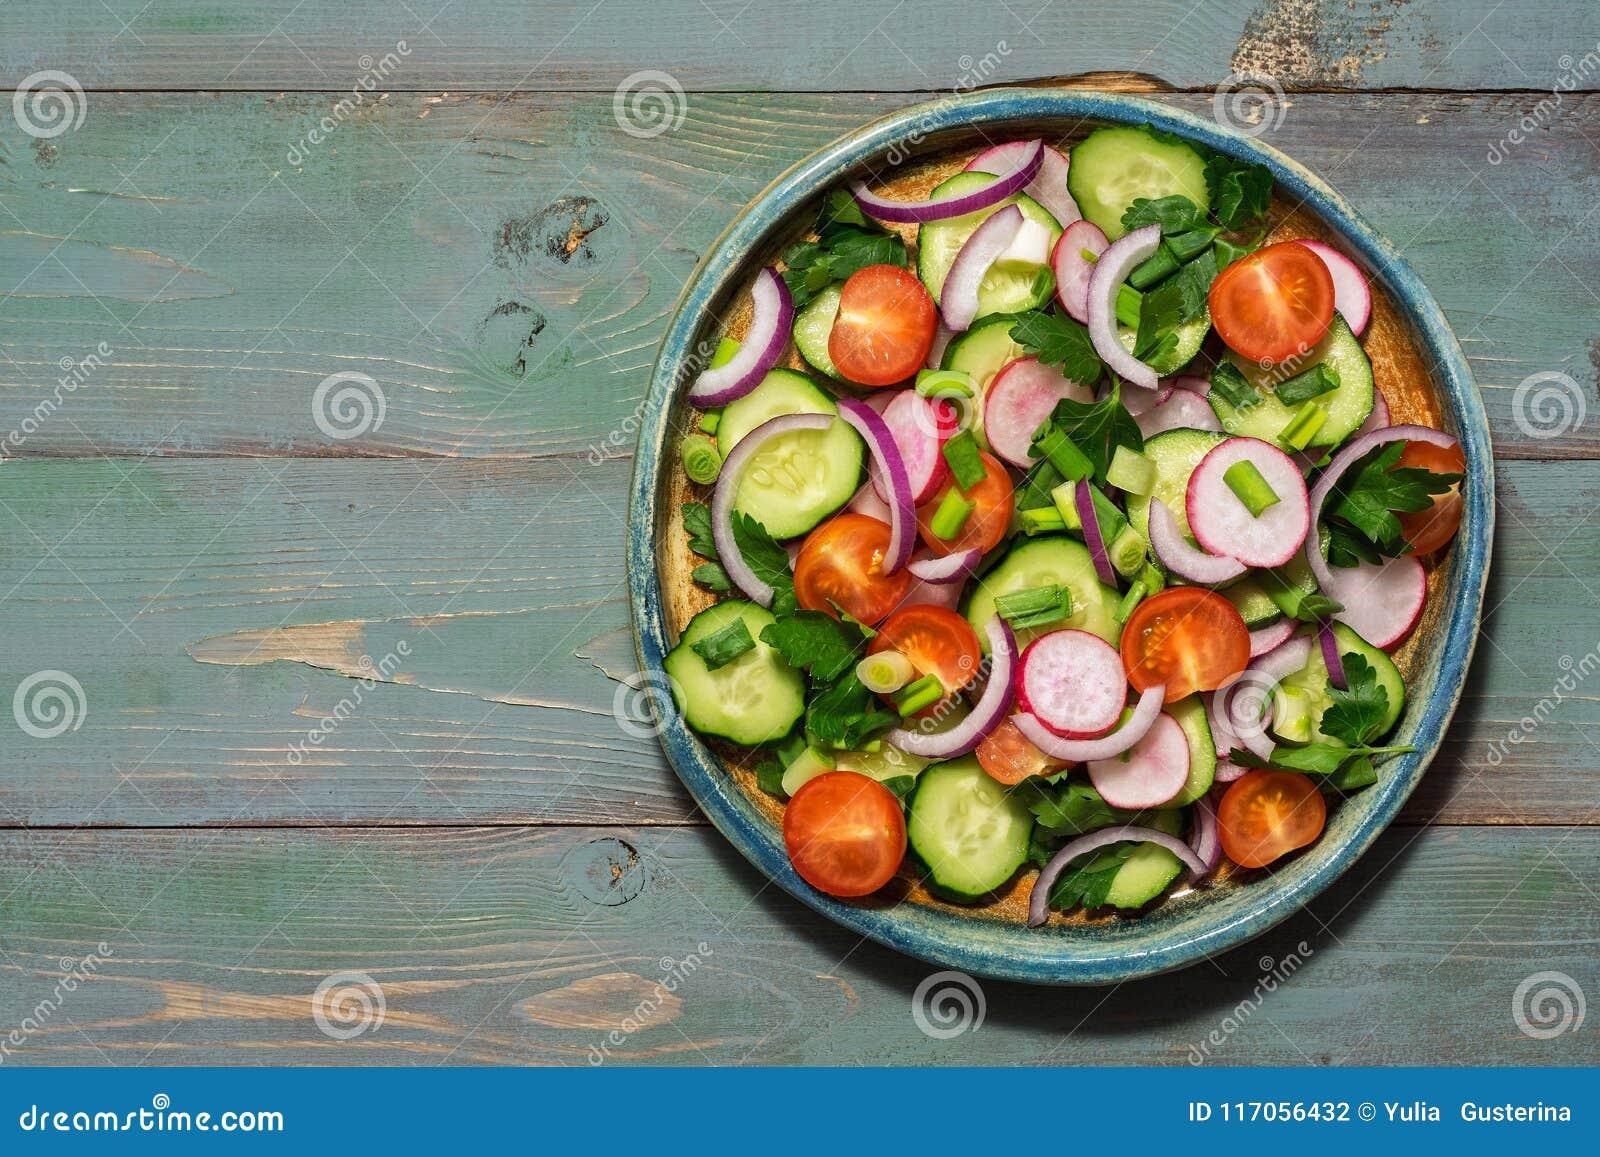 Ensalada vegetariana de verduras frescas en un fondo de madera verde Visión superior, espacio de la copia